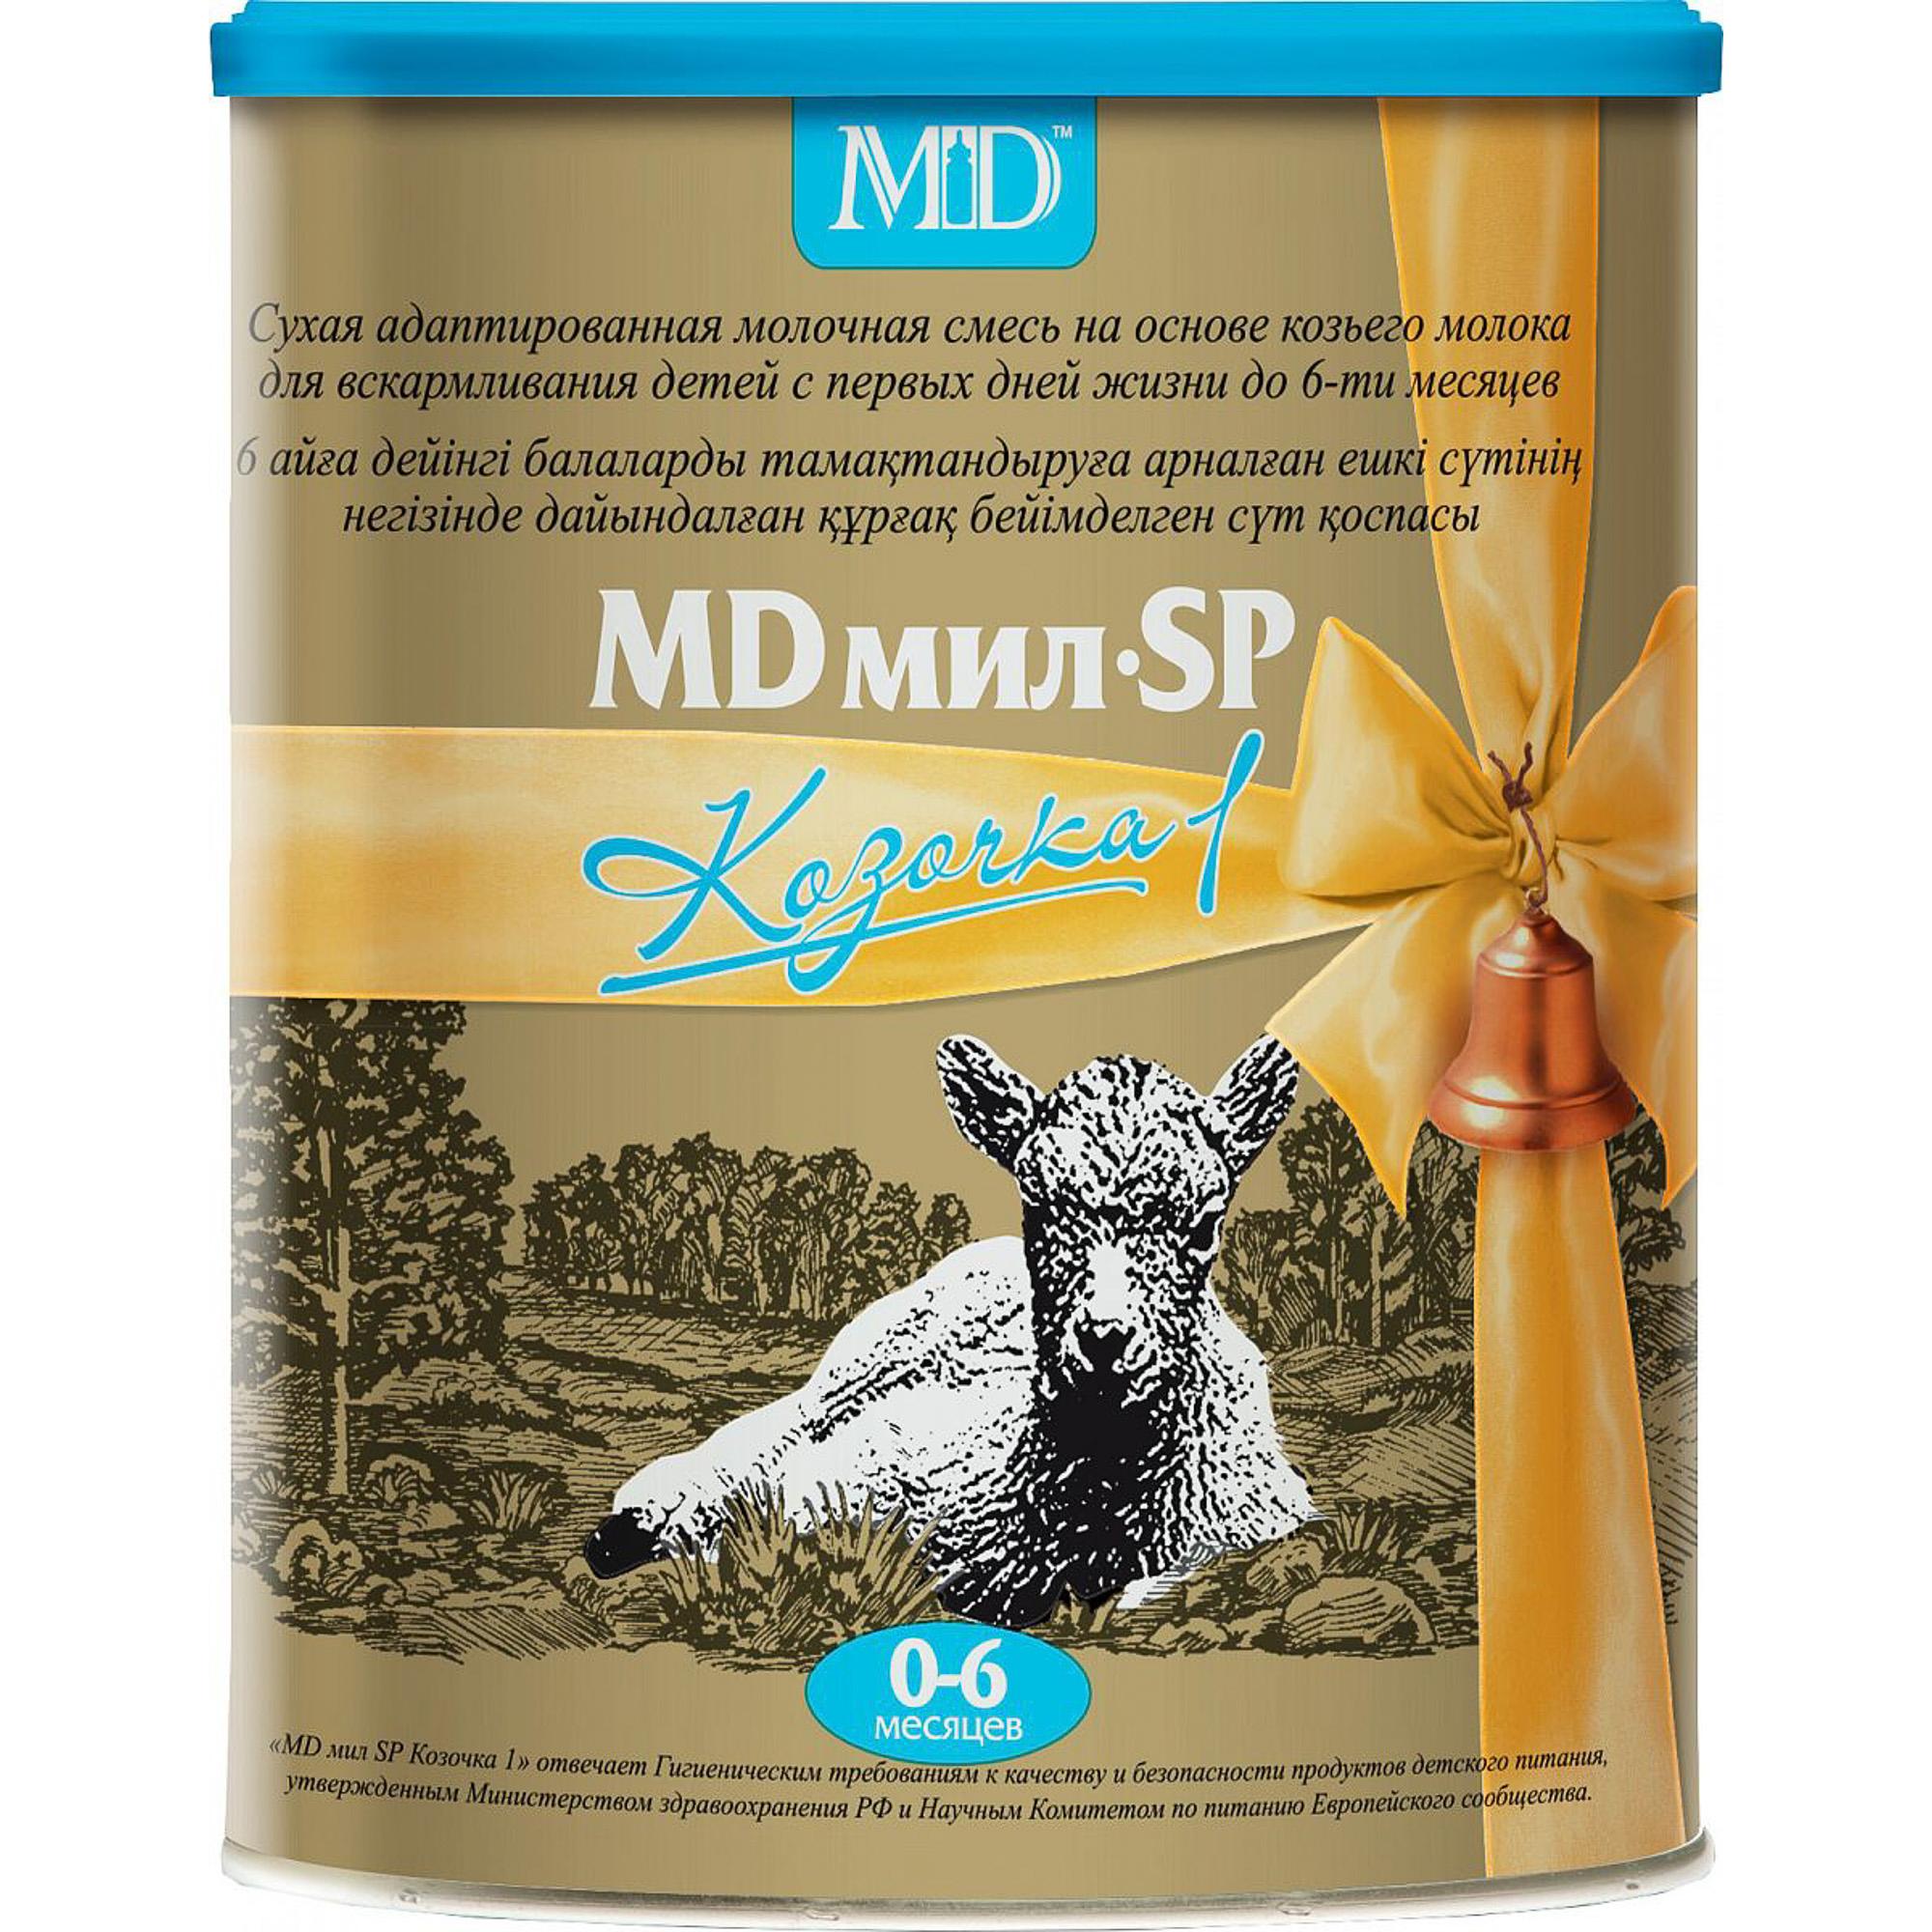 Смесь молочная MD мил SP Козочка 1 с 0 до 6 месяцев 400 г